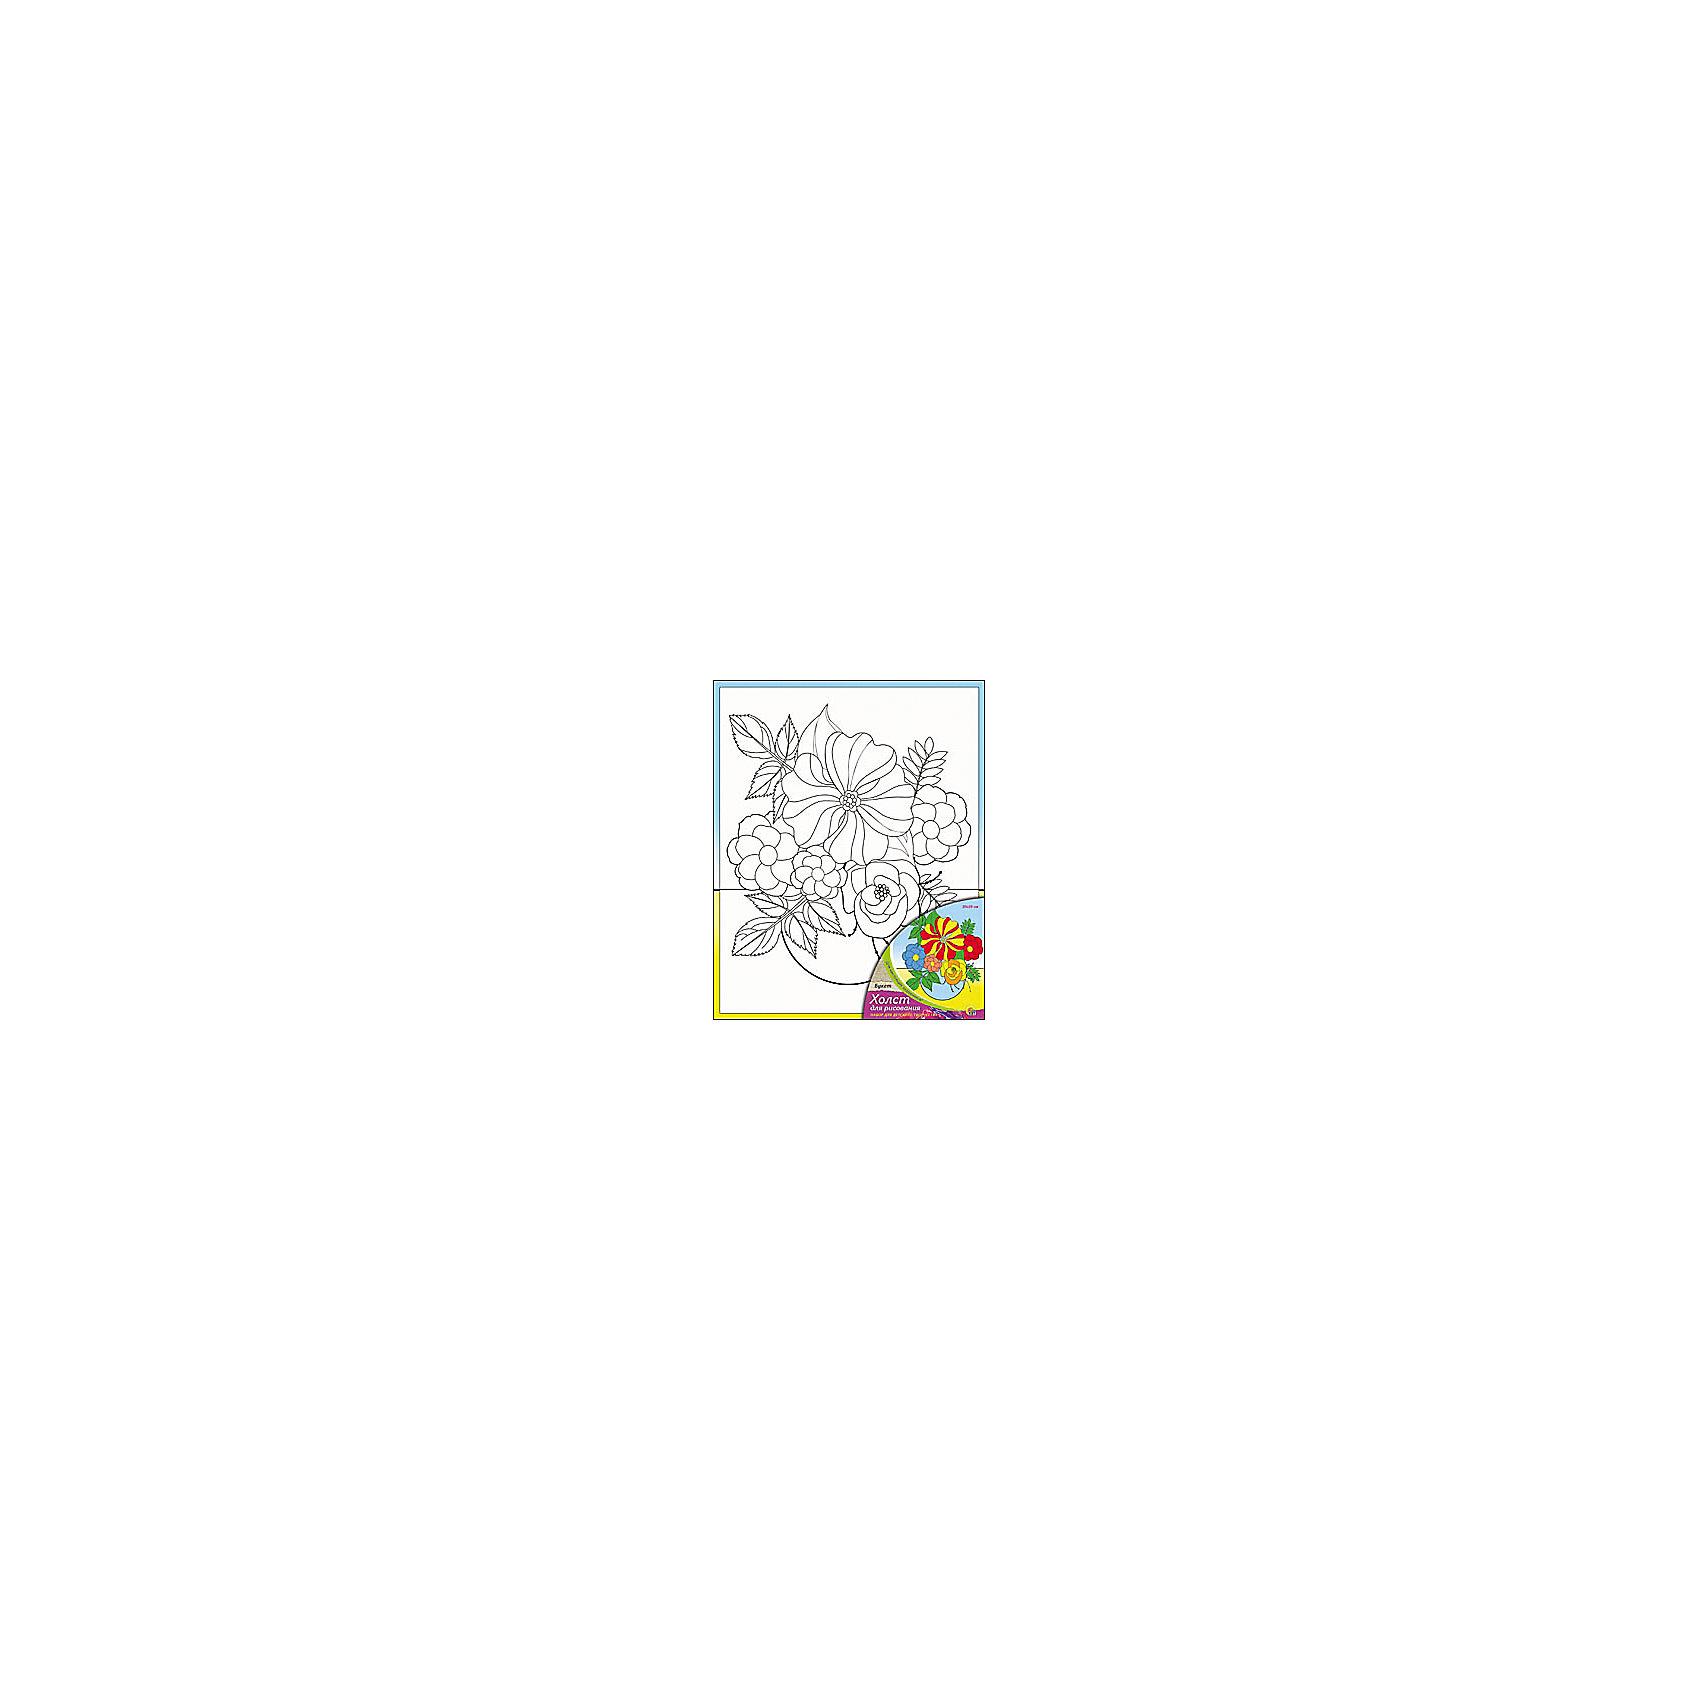 Холст с красками по номерам Букет 20х25 смзамечательные наборы для создания уникального шедевра изобразительного искусства. Создание картин на специально подготовленной рабочей поверхности – это уникальная техника, позволяющая делать Ваши шедевры более яркими и реалистичными. Просто нанесите мазки на уже готовый эскиз и оживите картину! Готовые изделия могут стать украшением интерьера или прекрасным подарком близким и друзьям.<br><br>Ширина мм: 200<br>Глубина мм: 250<br>Высота мм: 15<br>Вес г: 1250<br>Возраст от месяцев: 36<br>Возраст до месяцев: 108<br>Пол: Унисекс<br>Возраст: Детский<br>SKU: 5096741